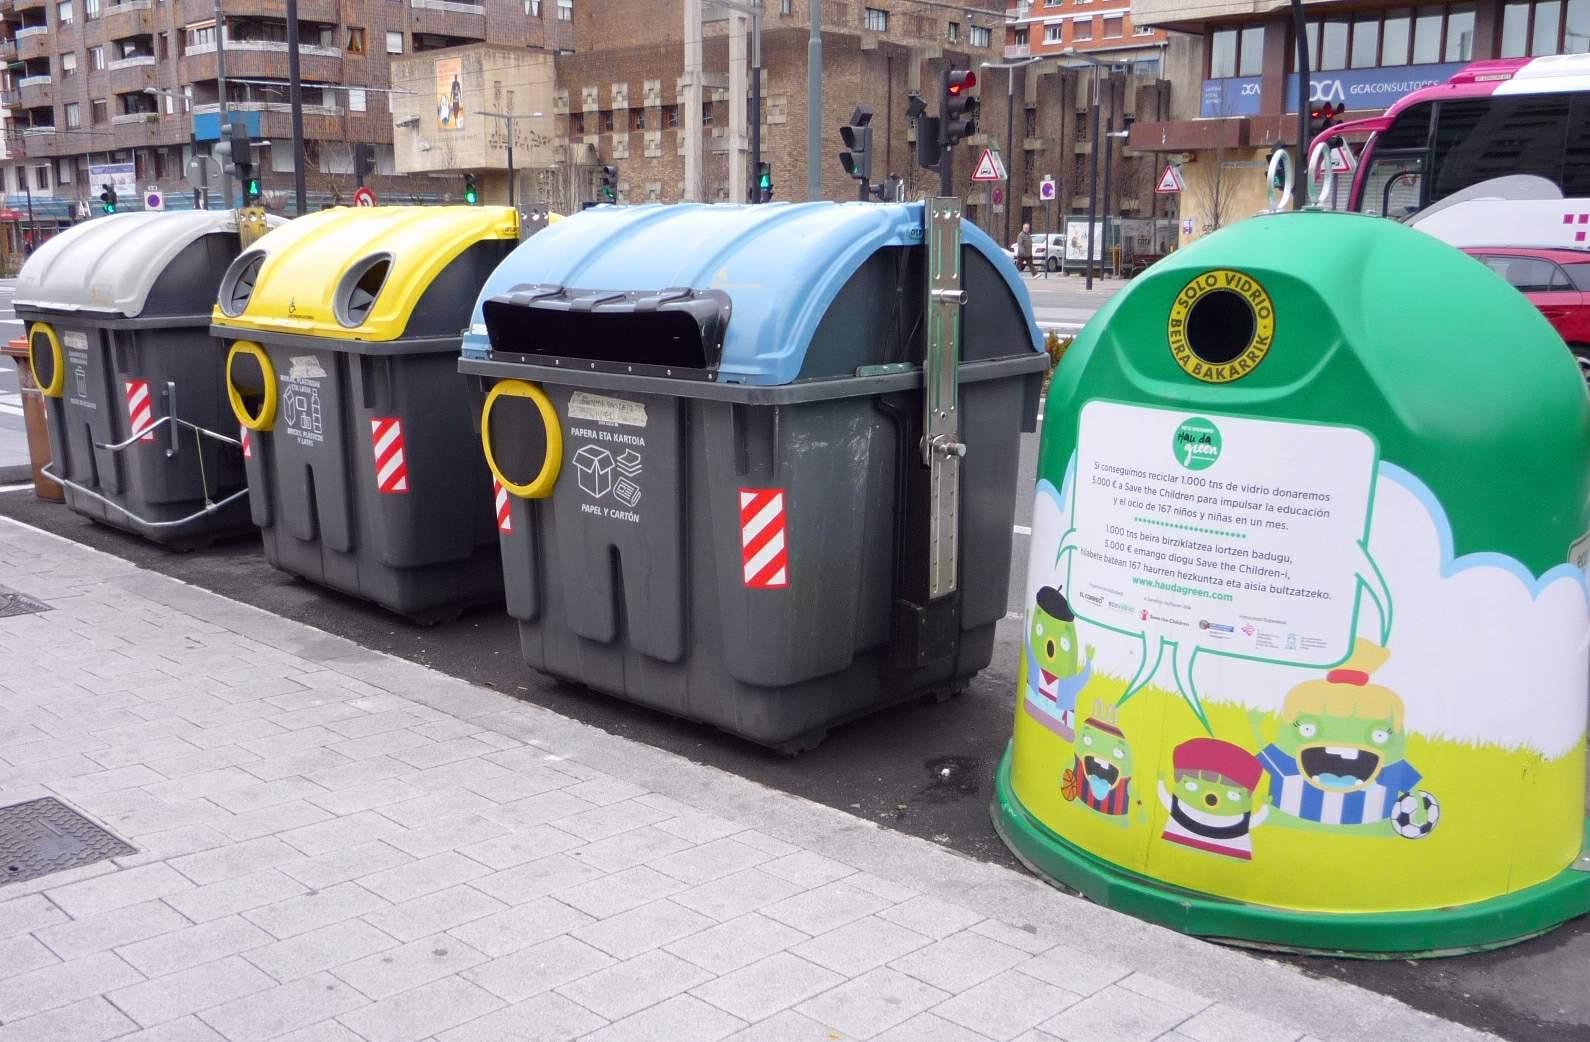 contenedores de reciclaje de residuos urbanos